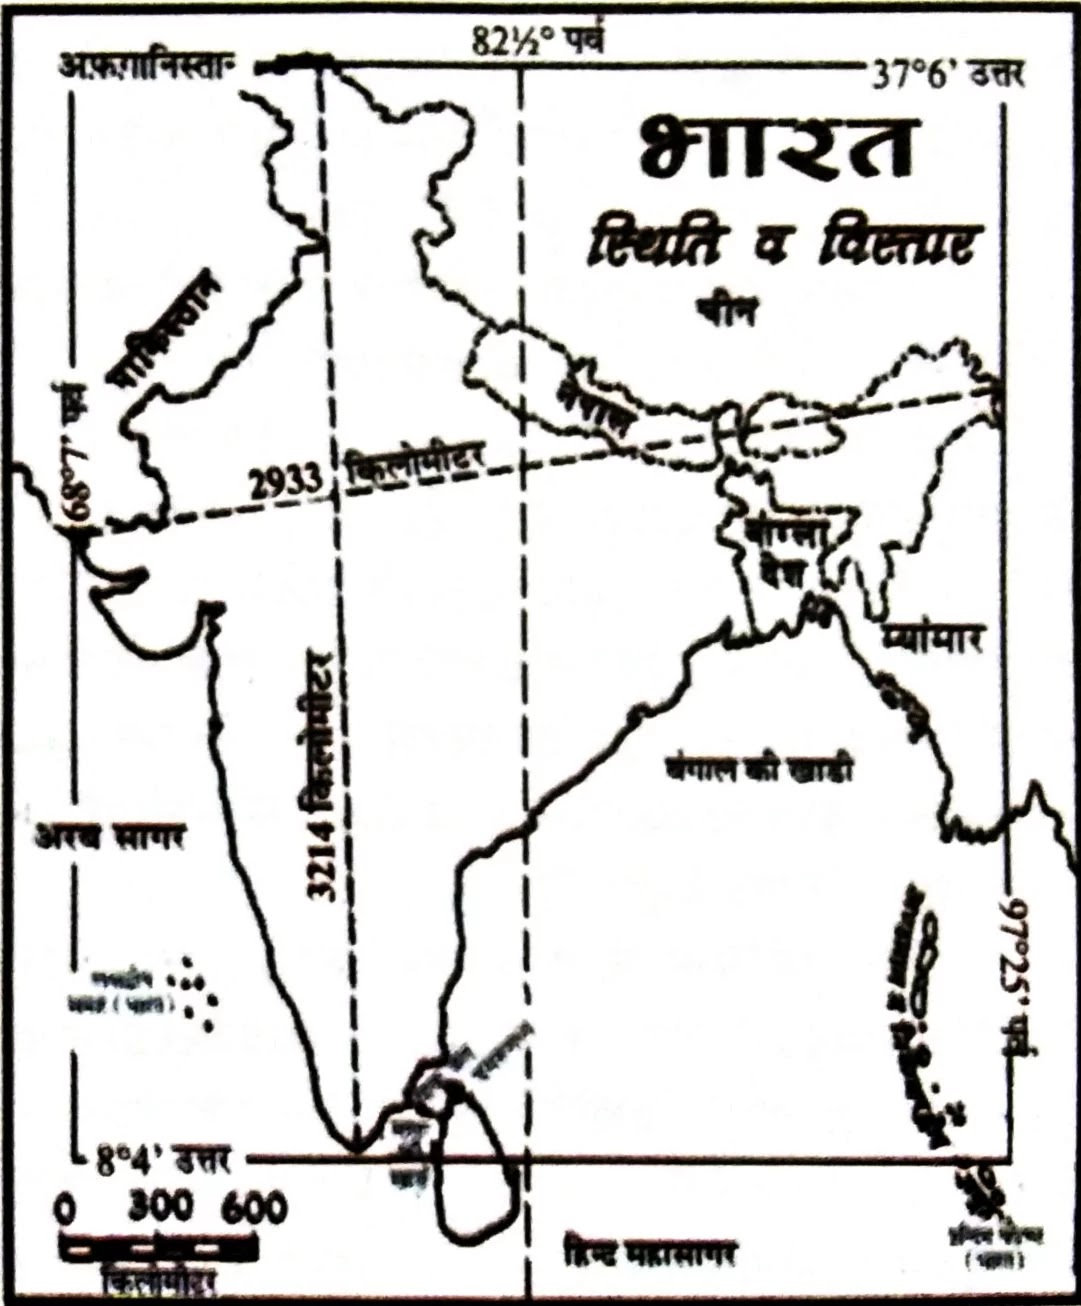 Bharat Ki Sthiti or Vistar